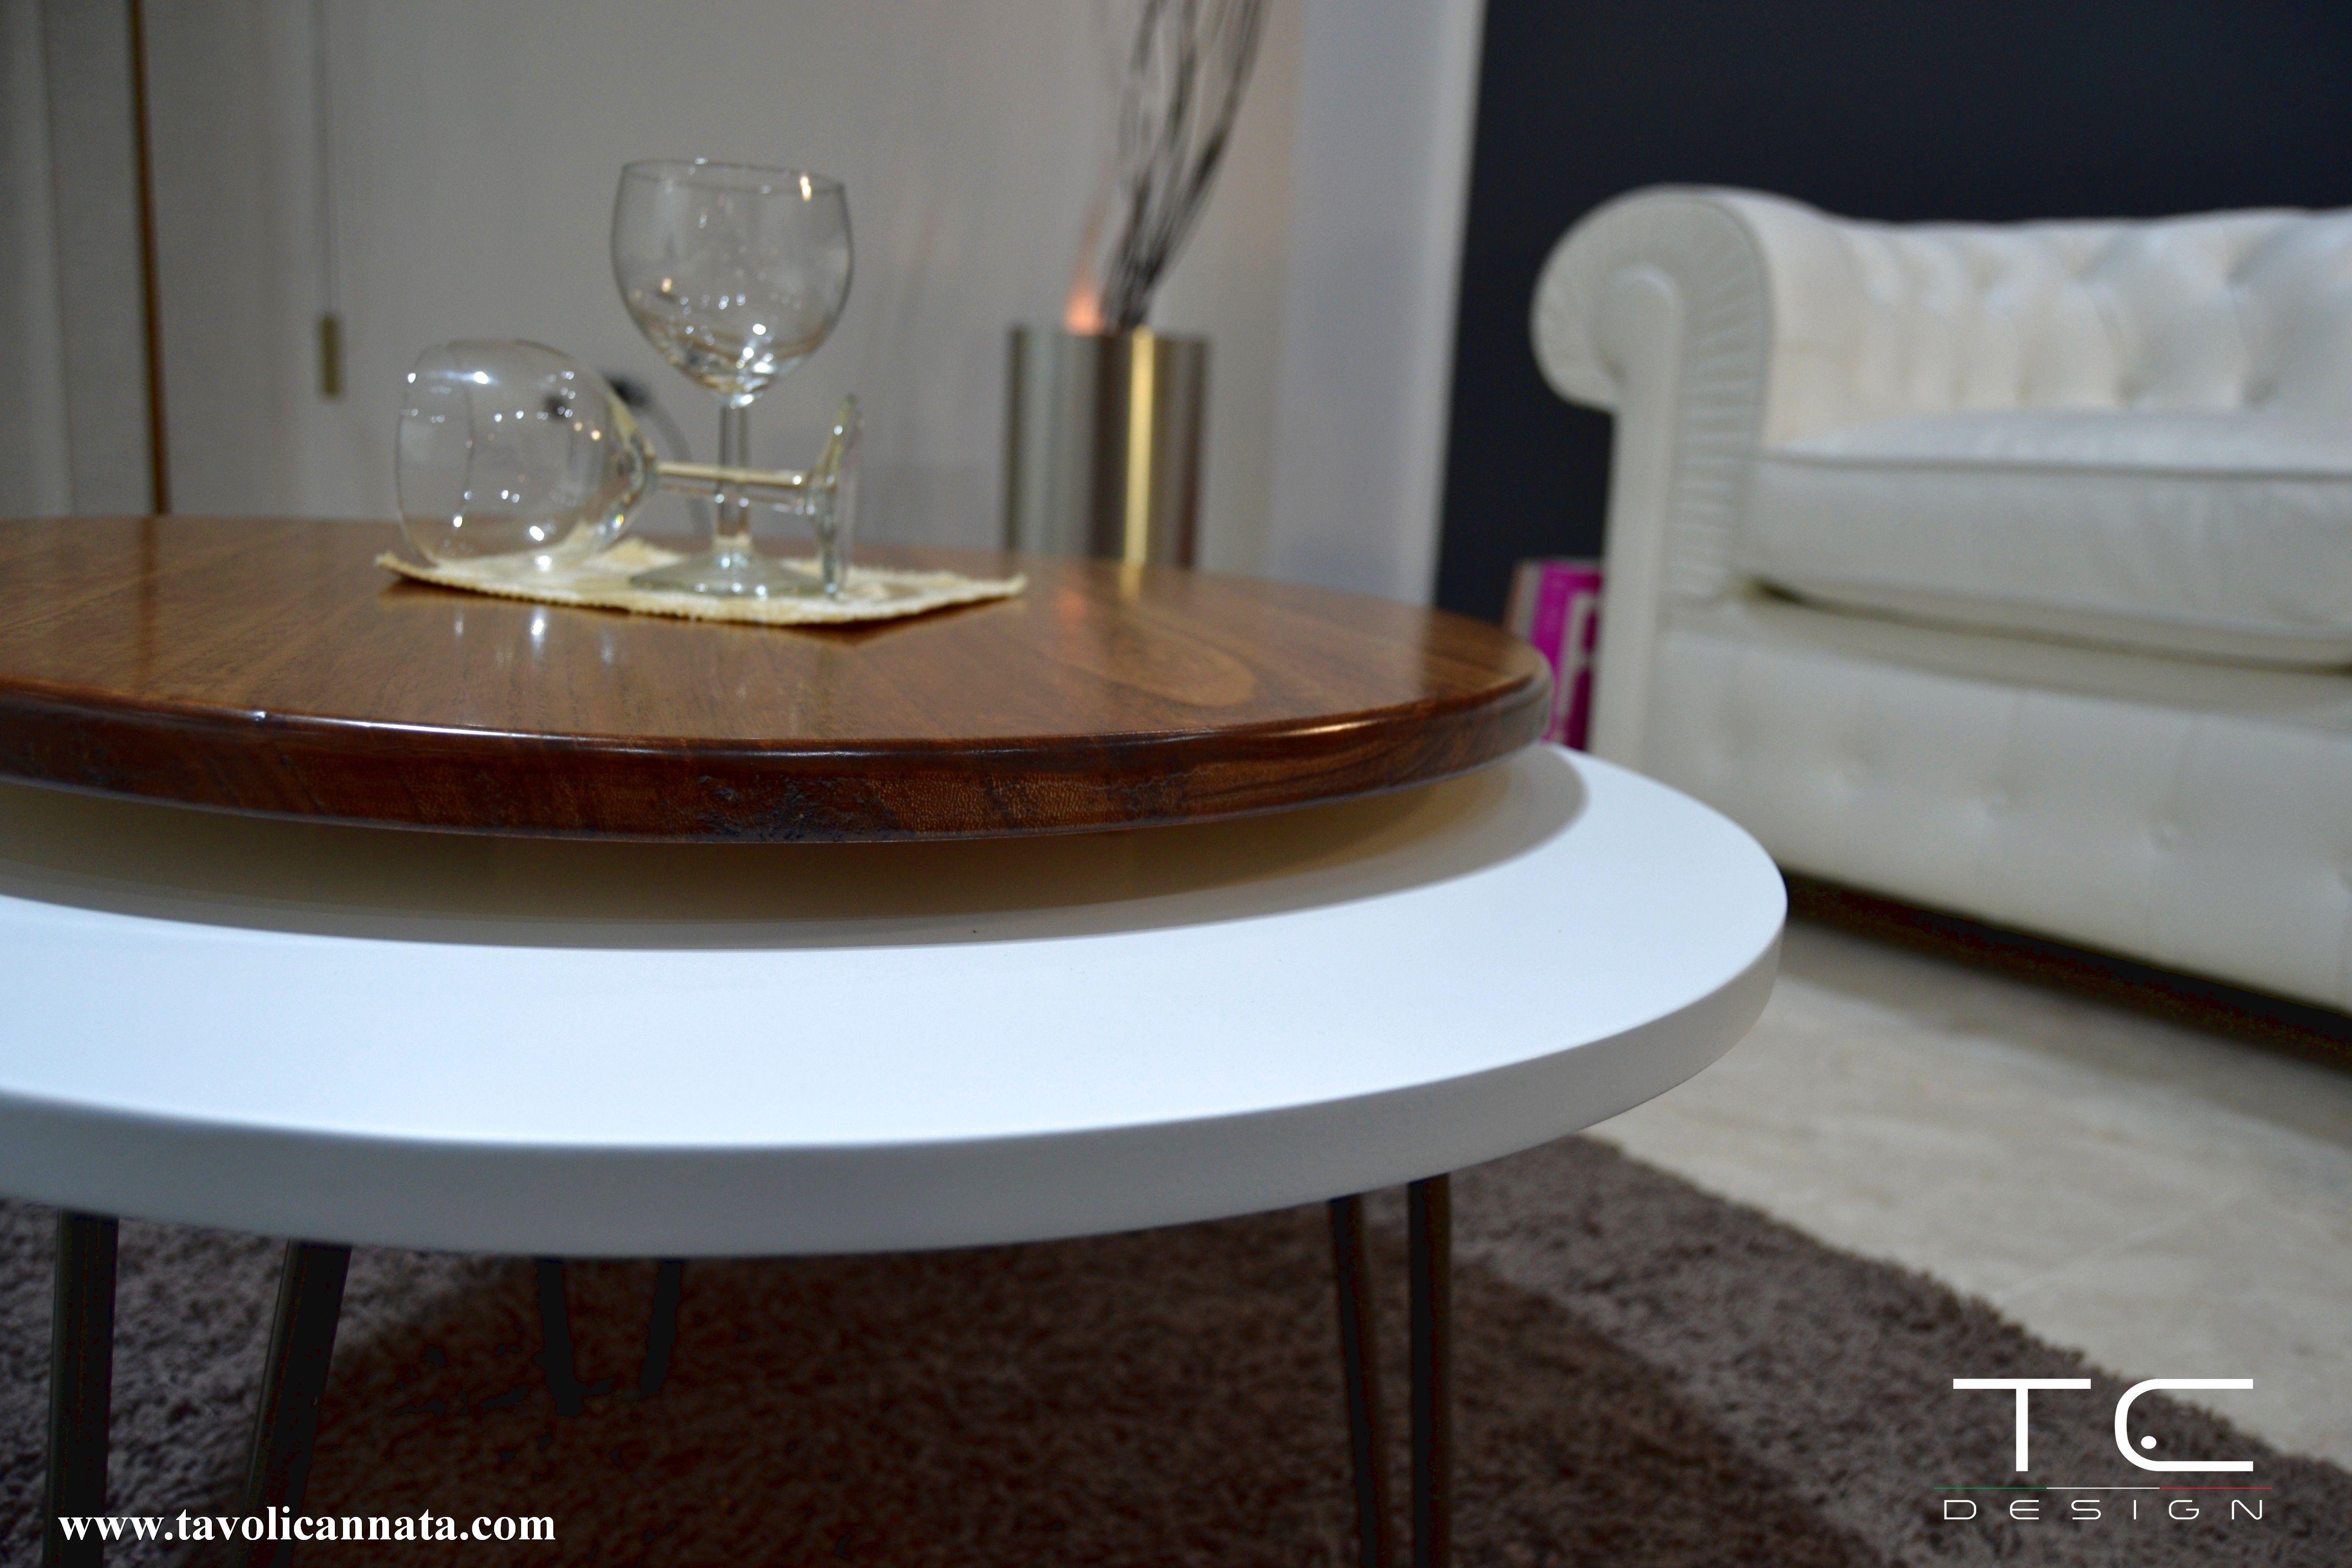 I tavolini da salotto sono per lo più dei tavolini piccoli e piani, i quali s'inseriscono perfettamente all'interno dell'arredamento di un salotto. Tavolino Salotto Moderno Di Design Salotto Moderno Tavolino Da Caffe Tavolini